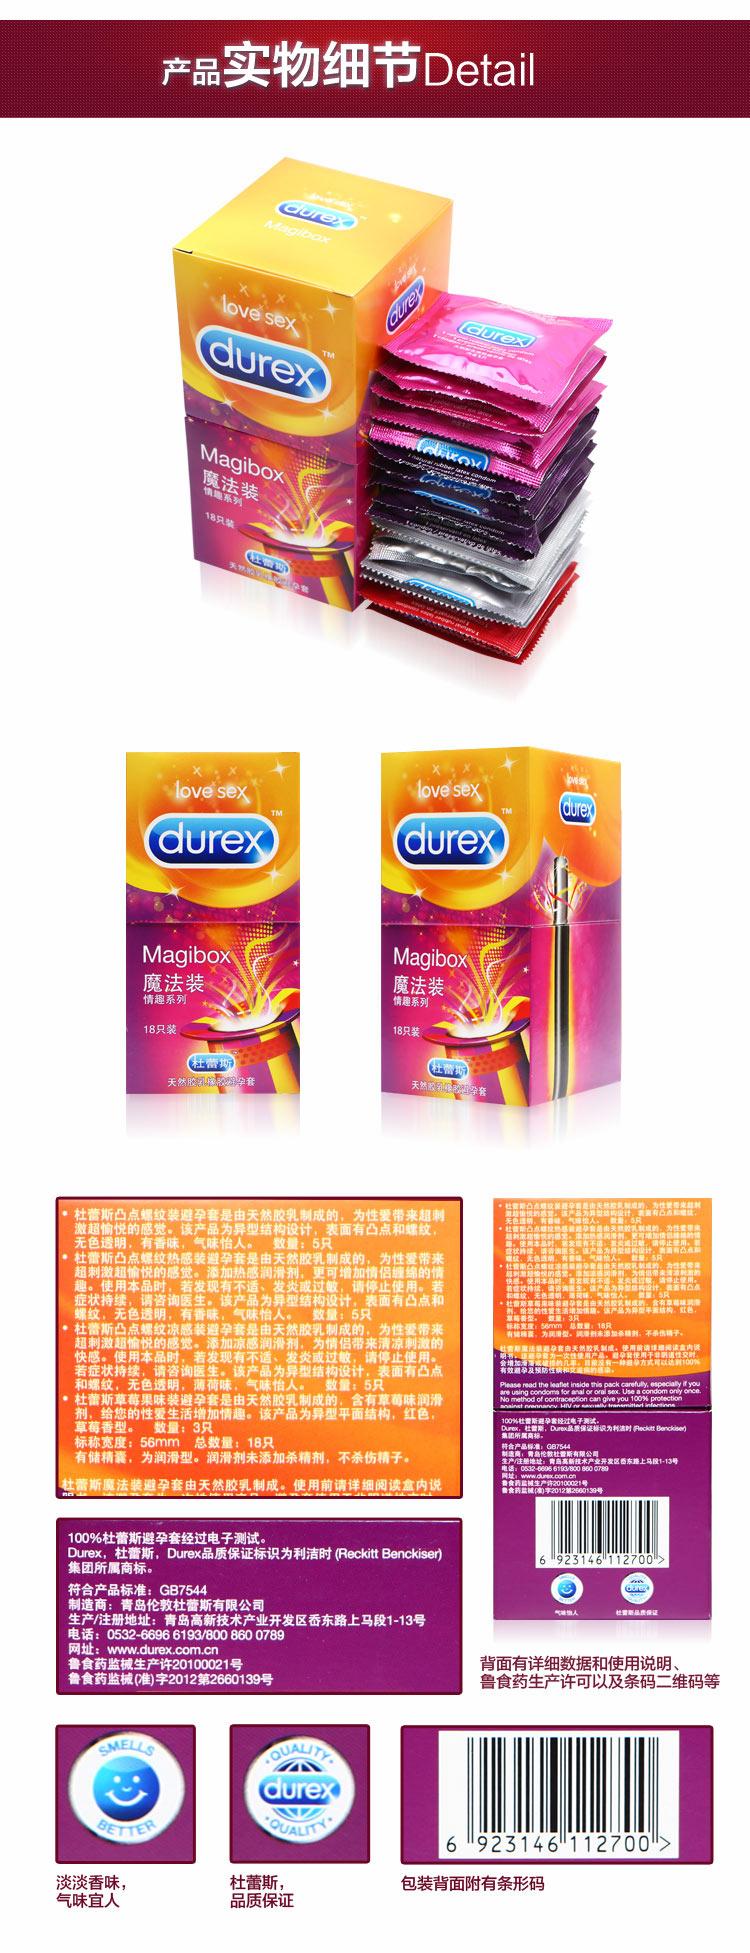 杜蕾斯 魔法装情趣系列避孕套(18只)